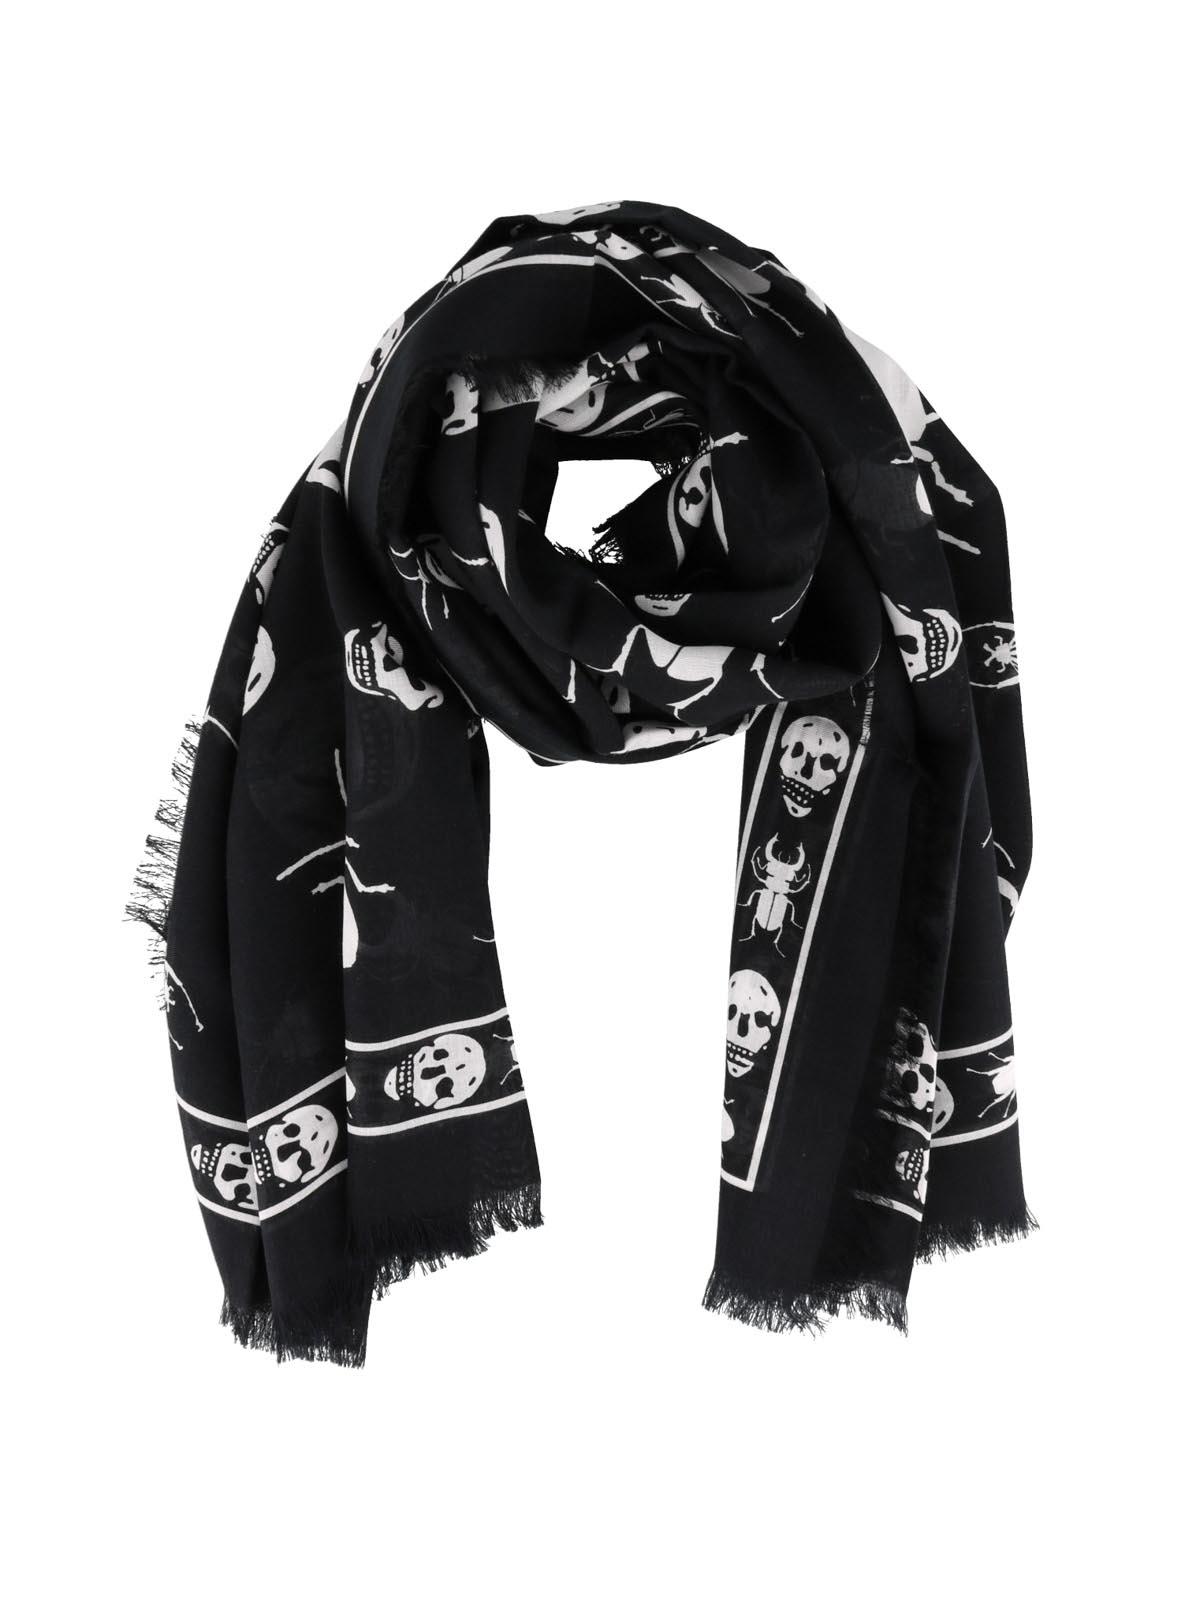 site réputé Style classique rechercher le meilleur Alexander Mcqueen - Écharpe - Skull - Écharpes - 5749124A33Q1078